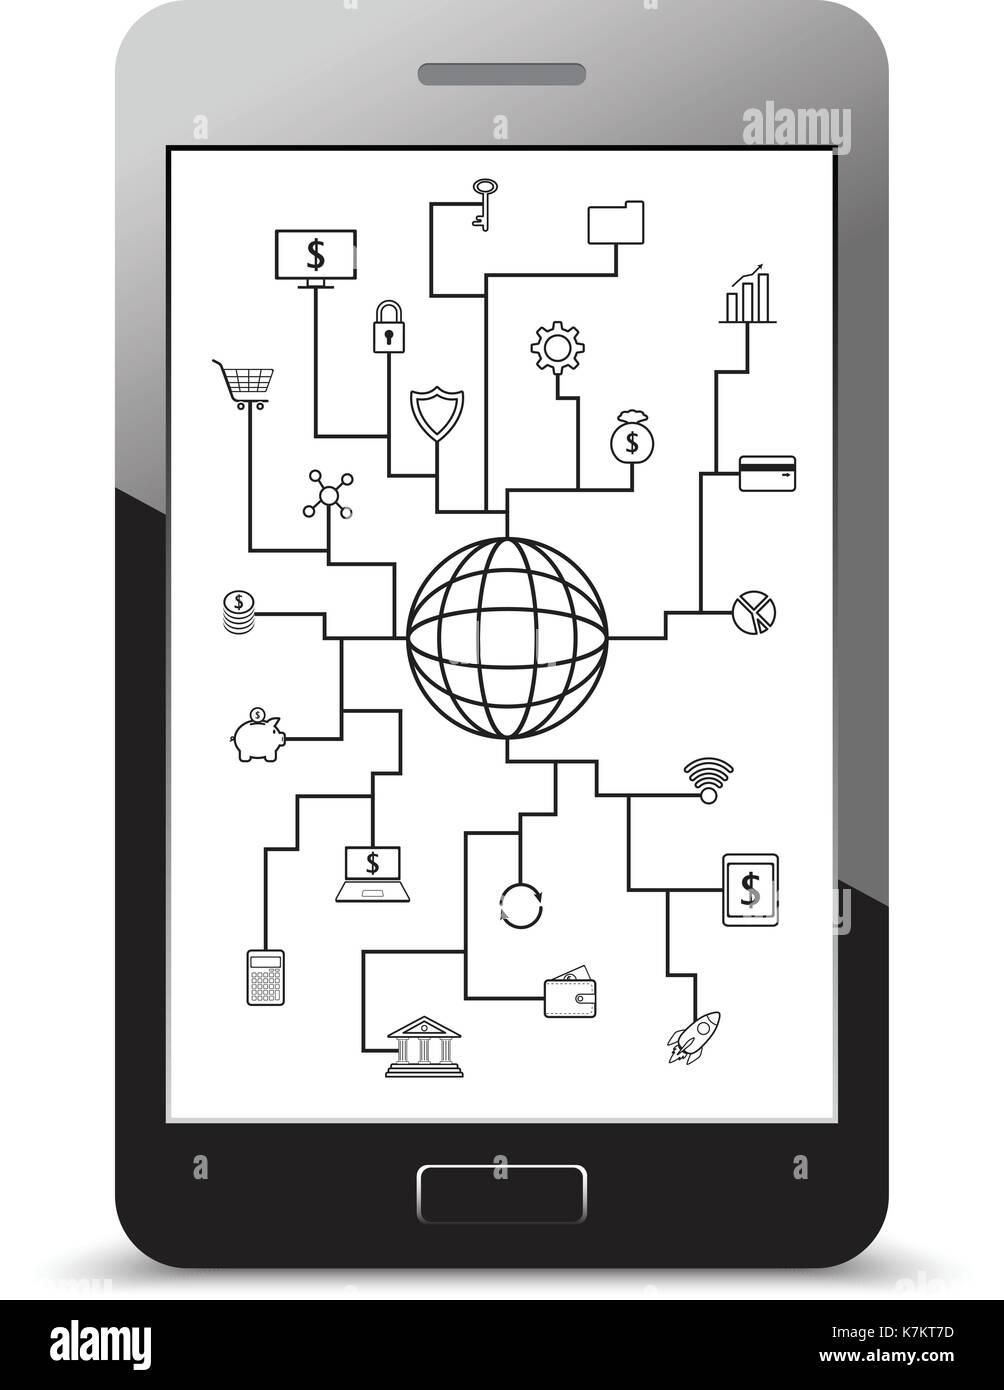 Fintech vector iconos de línea alrededor de un globo sobre las tecnologías financieras, bancarias y de inversión con un fondo blanco en la pantalla del smartphone realista Imagen De Stock